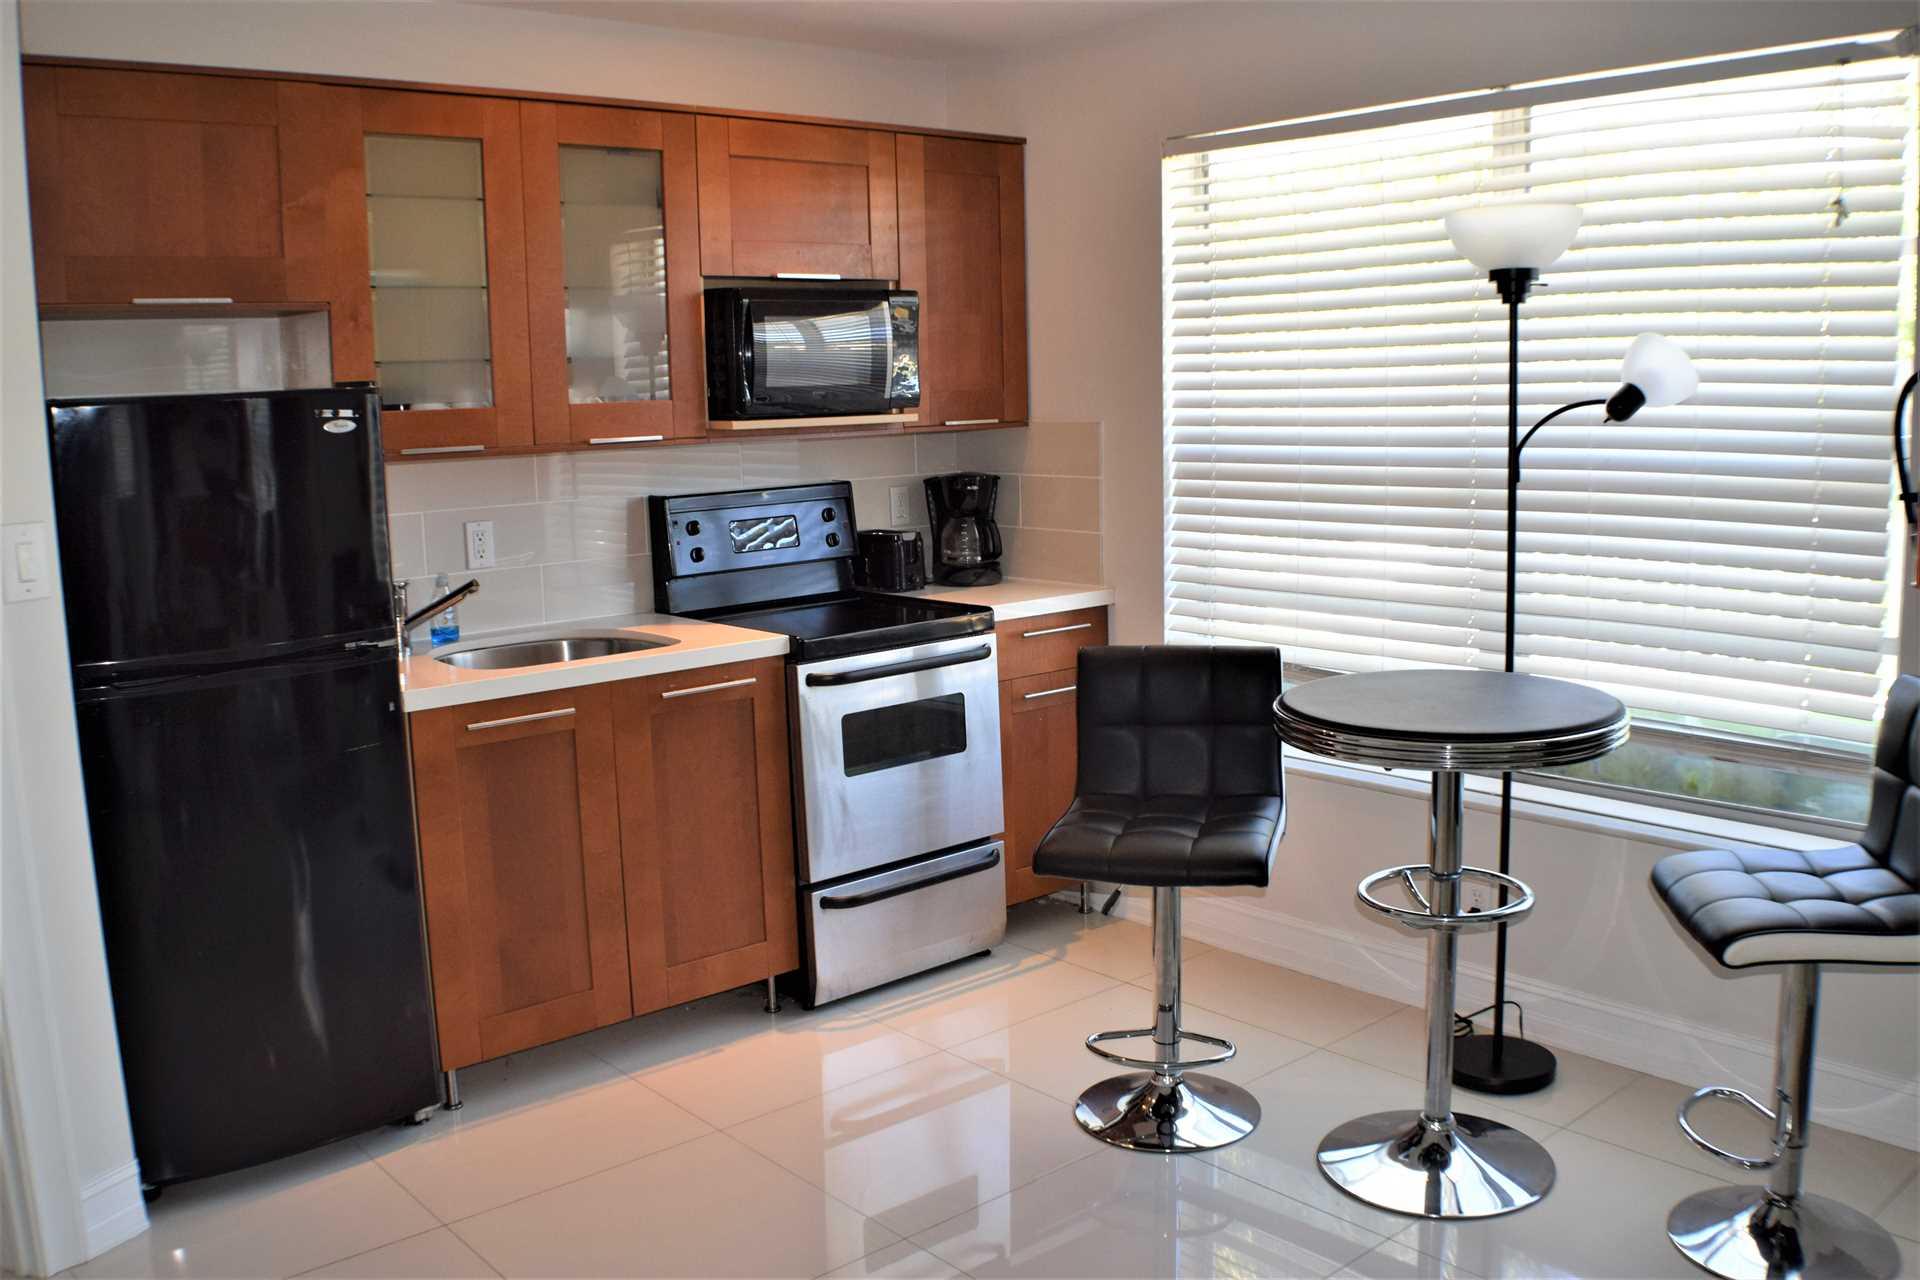 Second floor also has bonus of efficiency type kitchen area